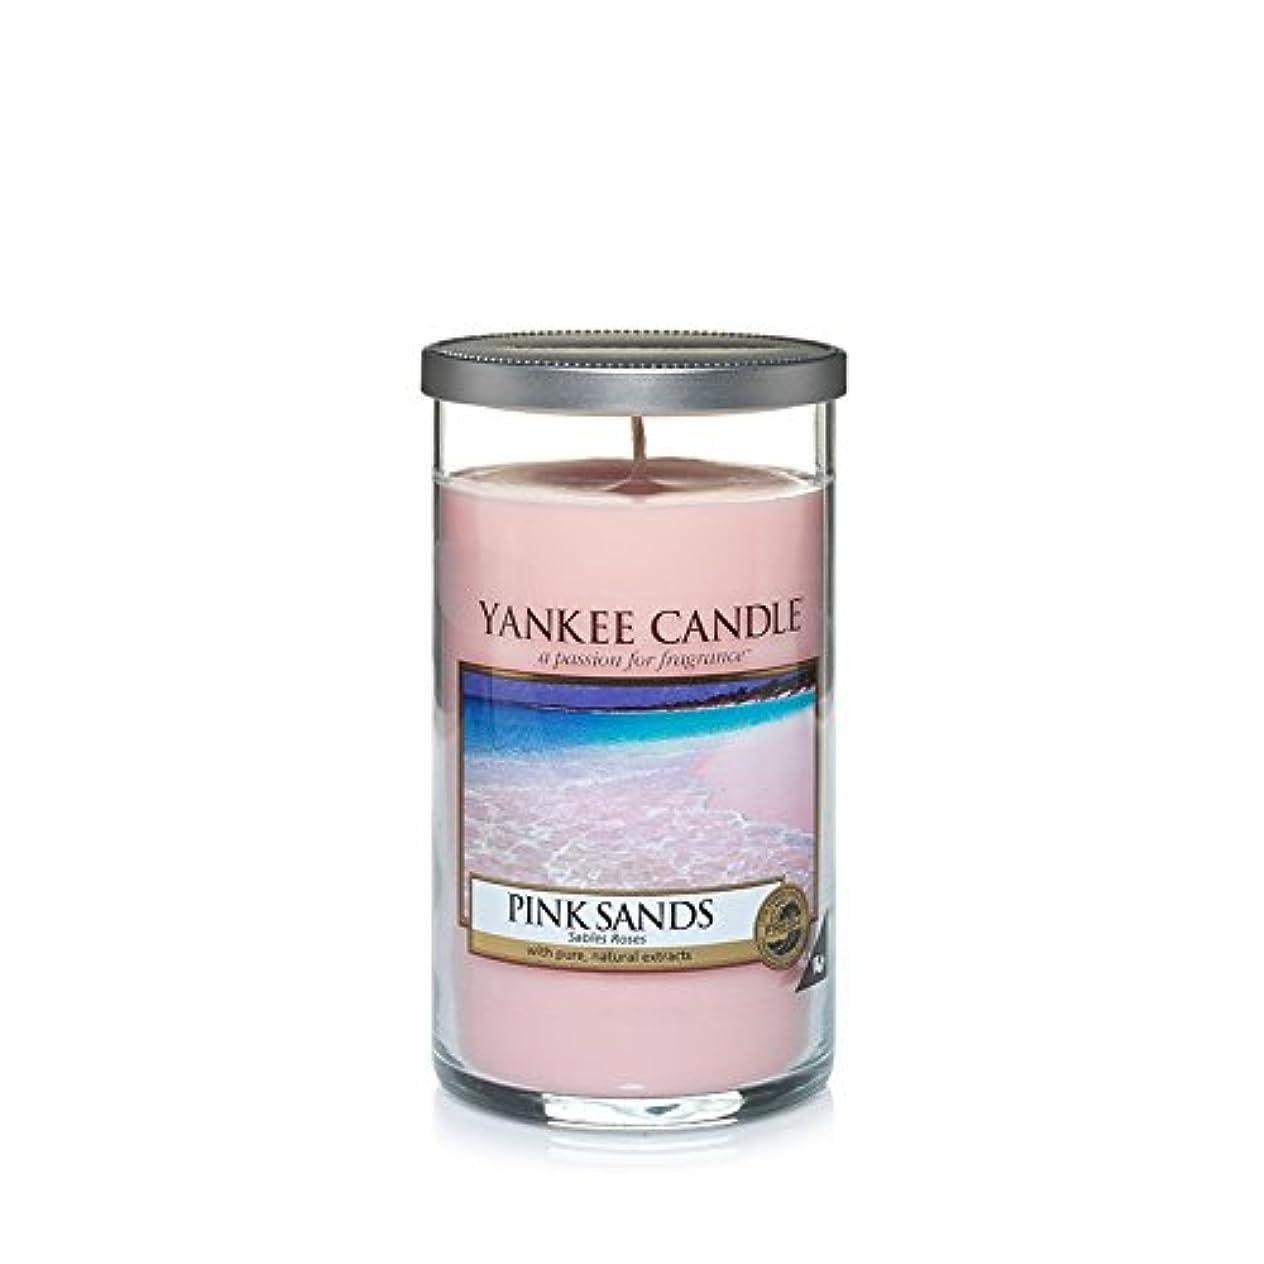 落ち着いたバンジージャンプマーティンルーサーキングジュニアYankee Candles Medium Pillar Candle - Pink Sands? (Pack of 2) - ヤンキーキャンドルメディアピラーキャンドル - ピンクの砂? (x2) [並行輸入品]